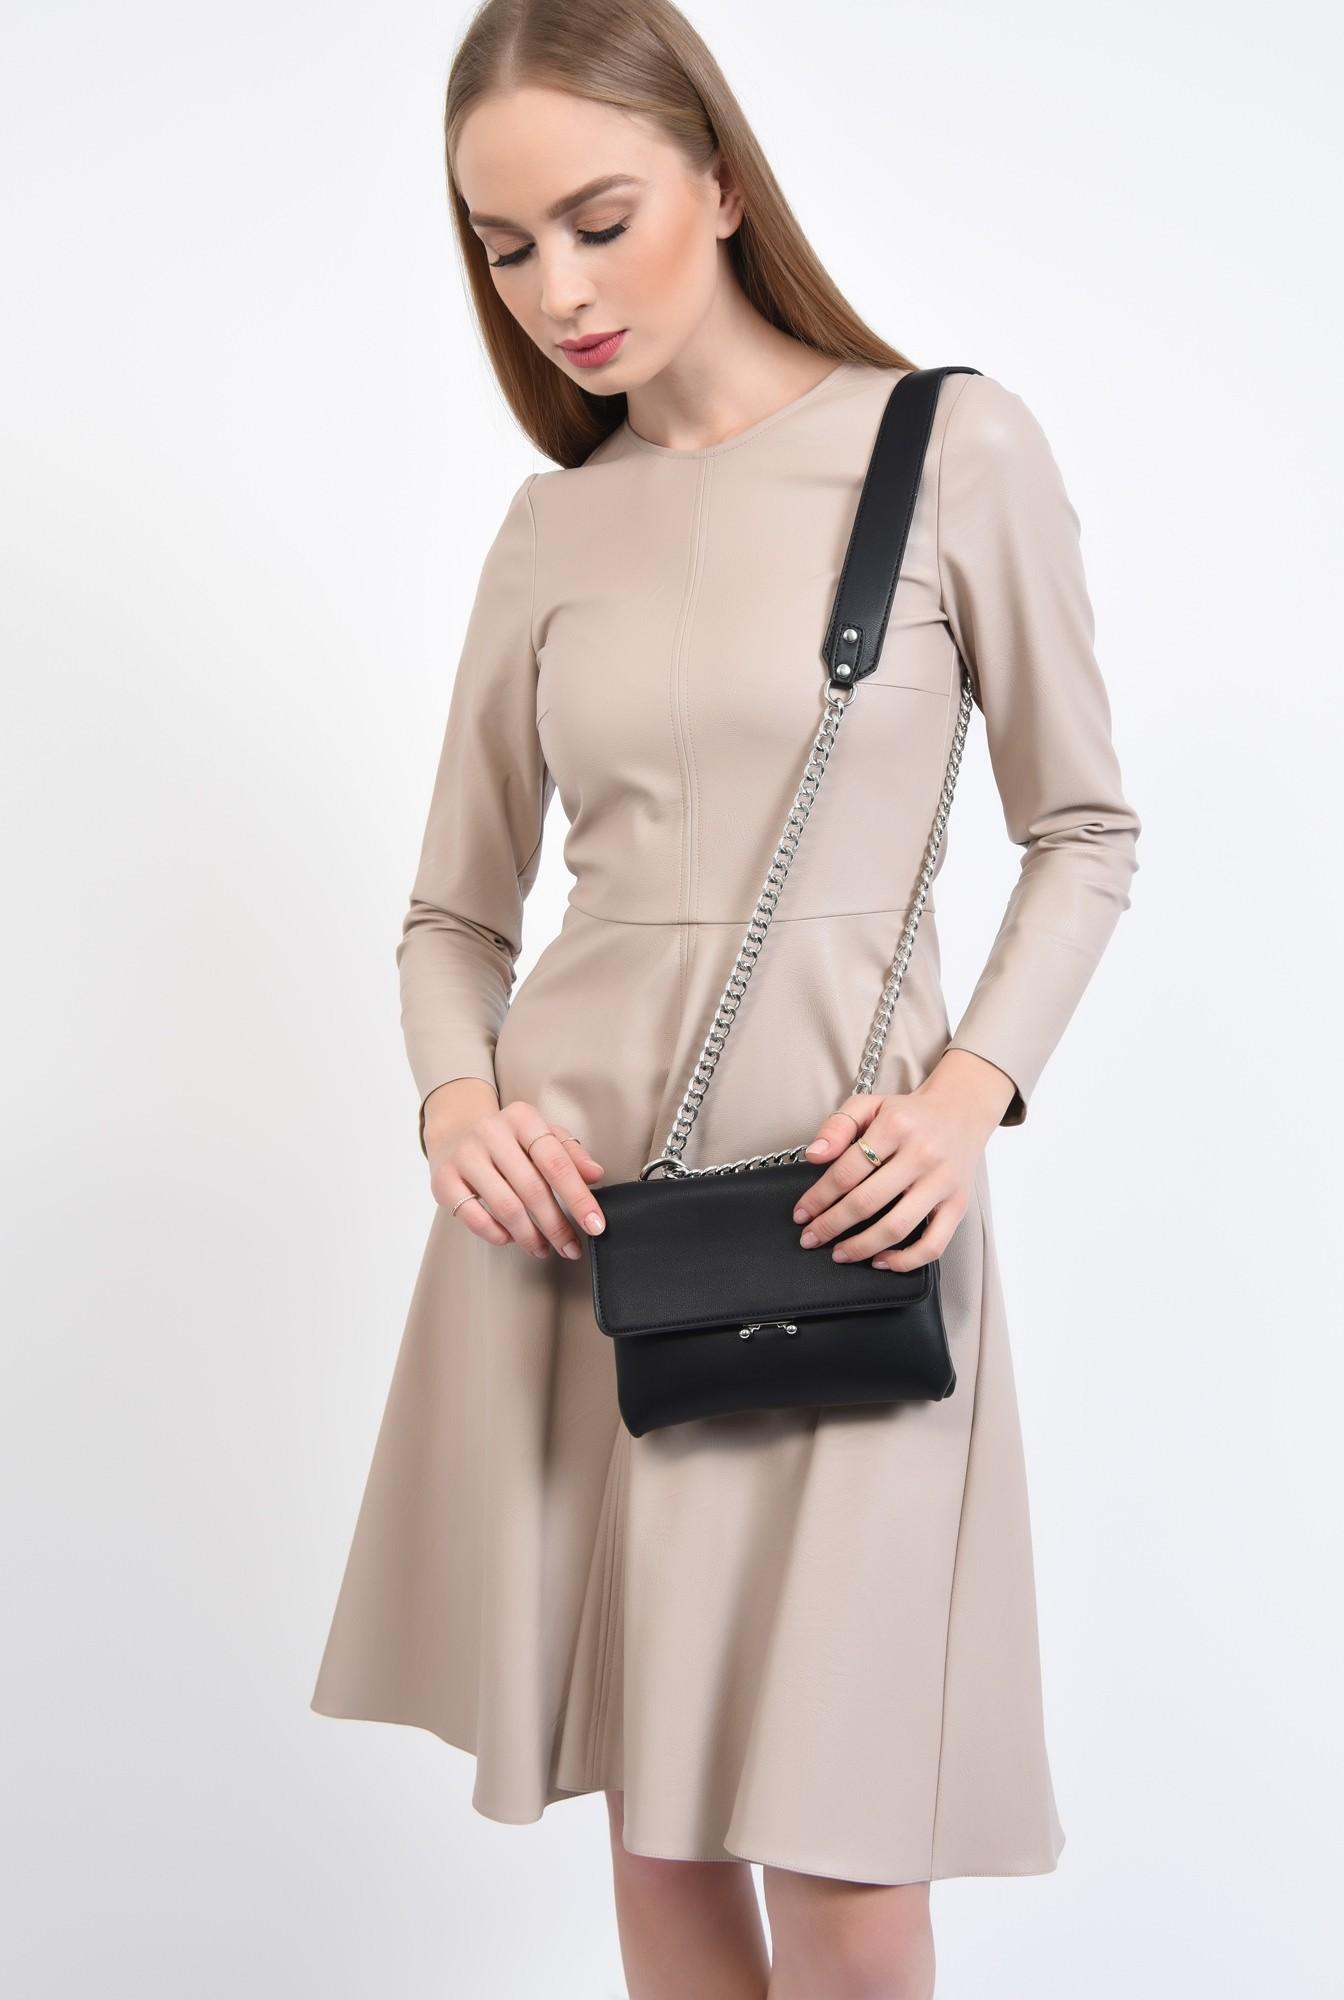 3 - geanta casual, accesorii, negru